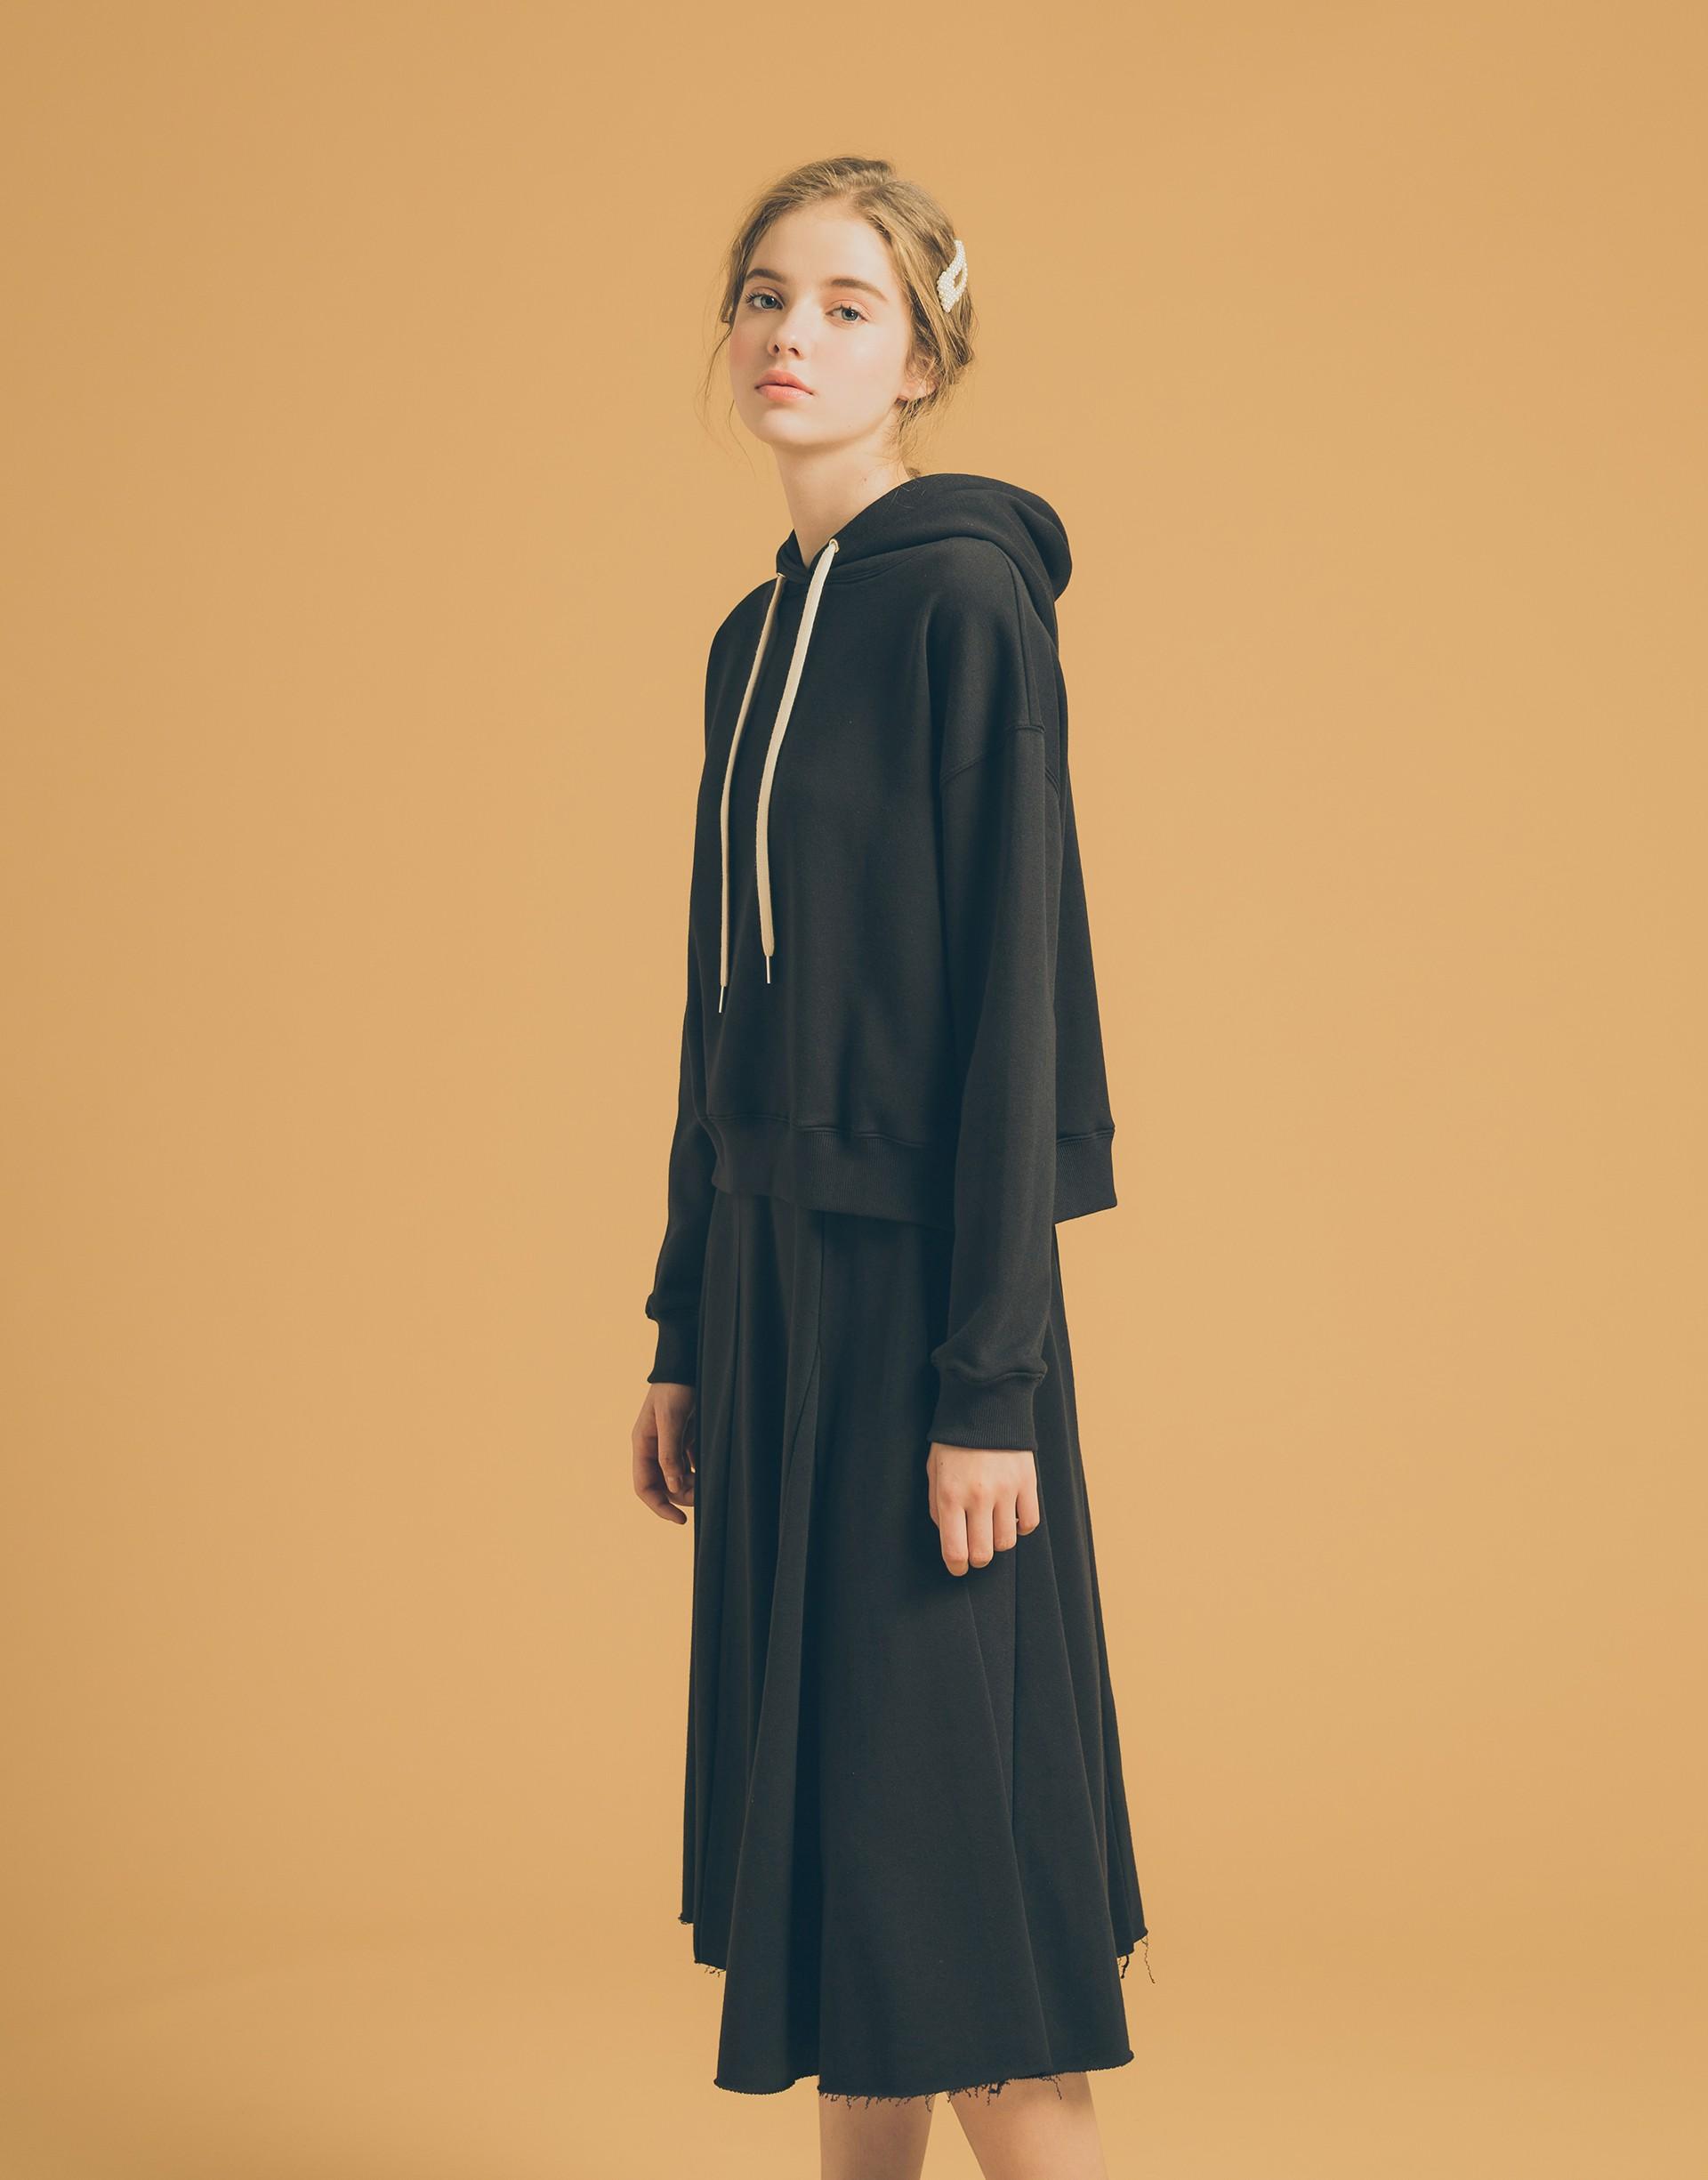 MIT製造/PAZZO自訂開發面料/上衣兩側開岔/裙擺不修邊設計/鬆緊腰頭